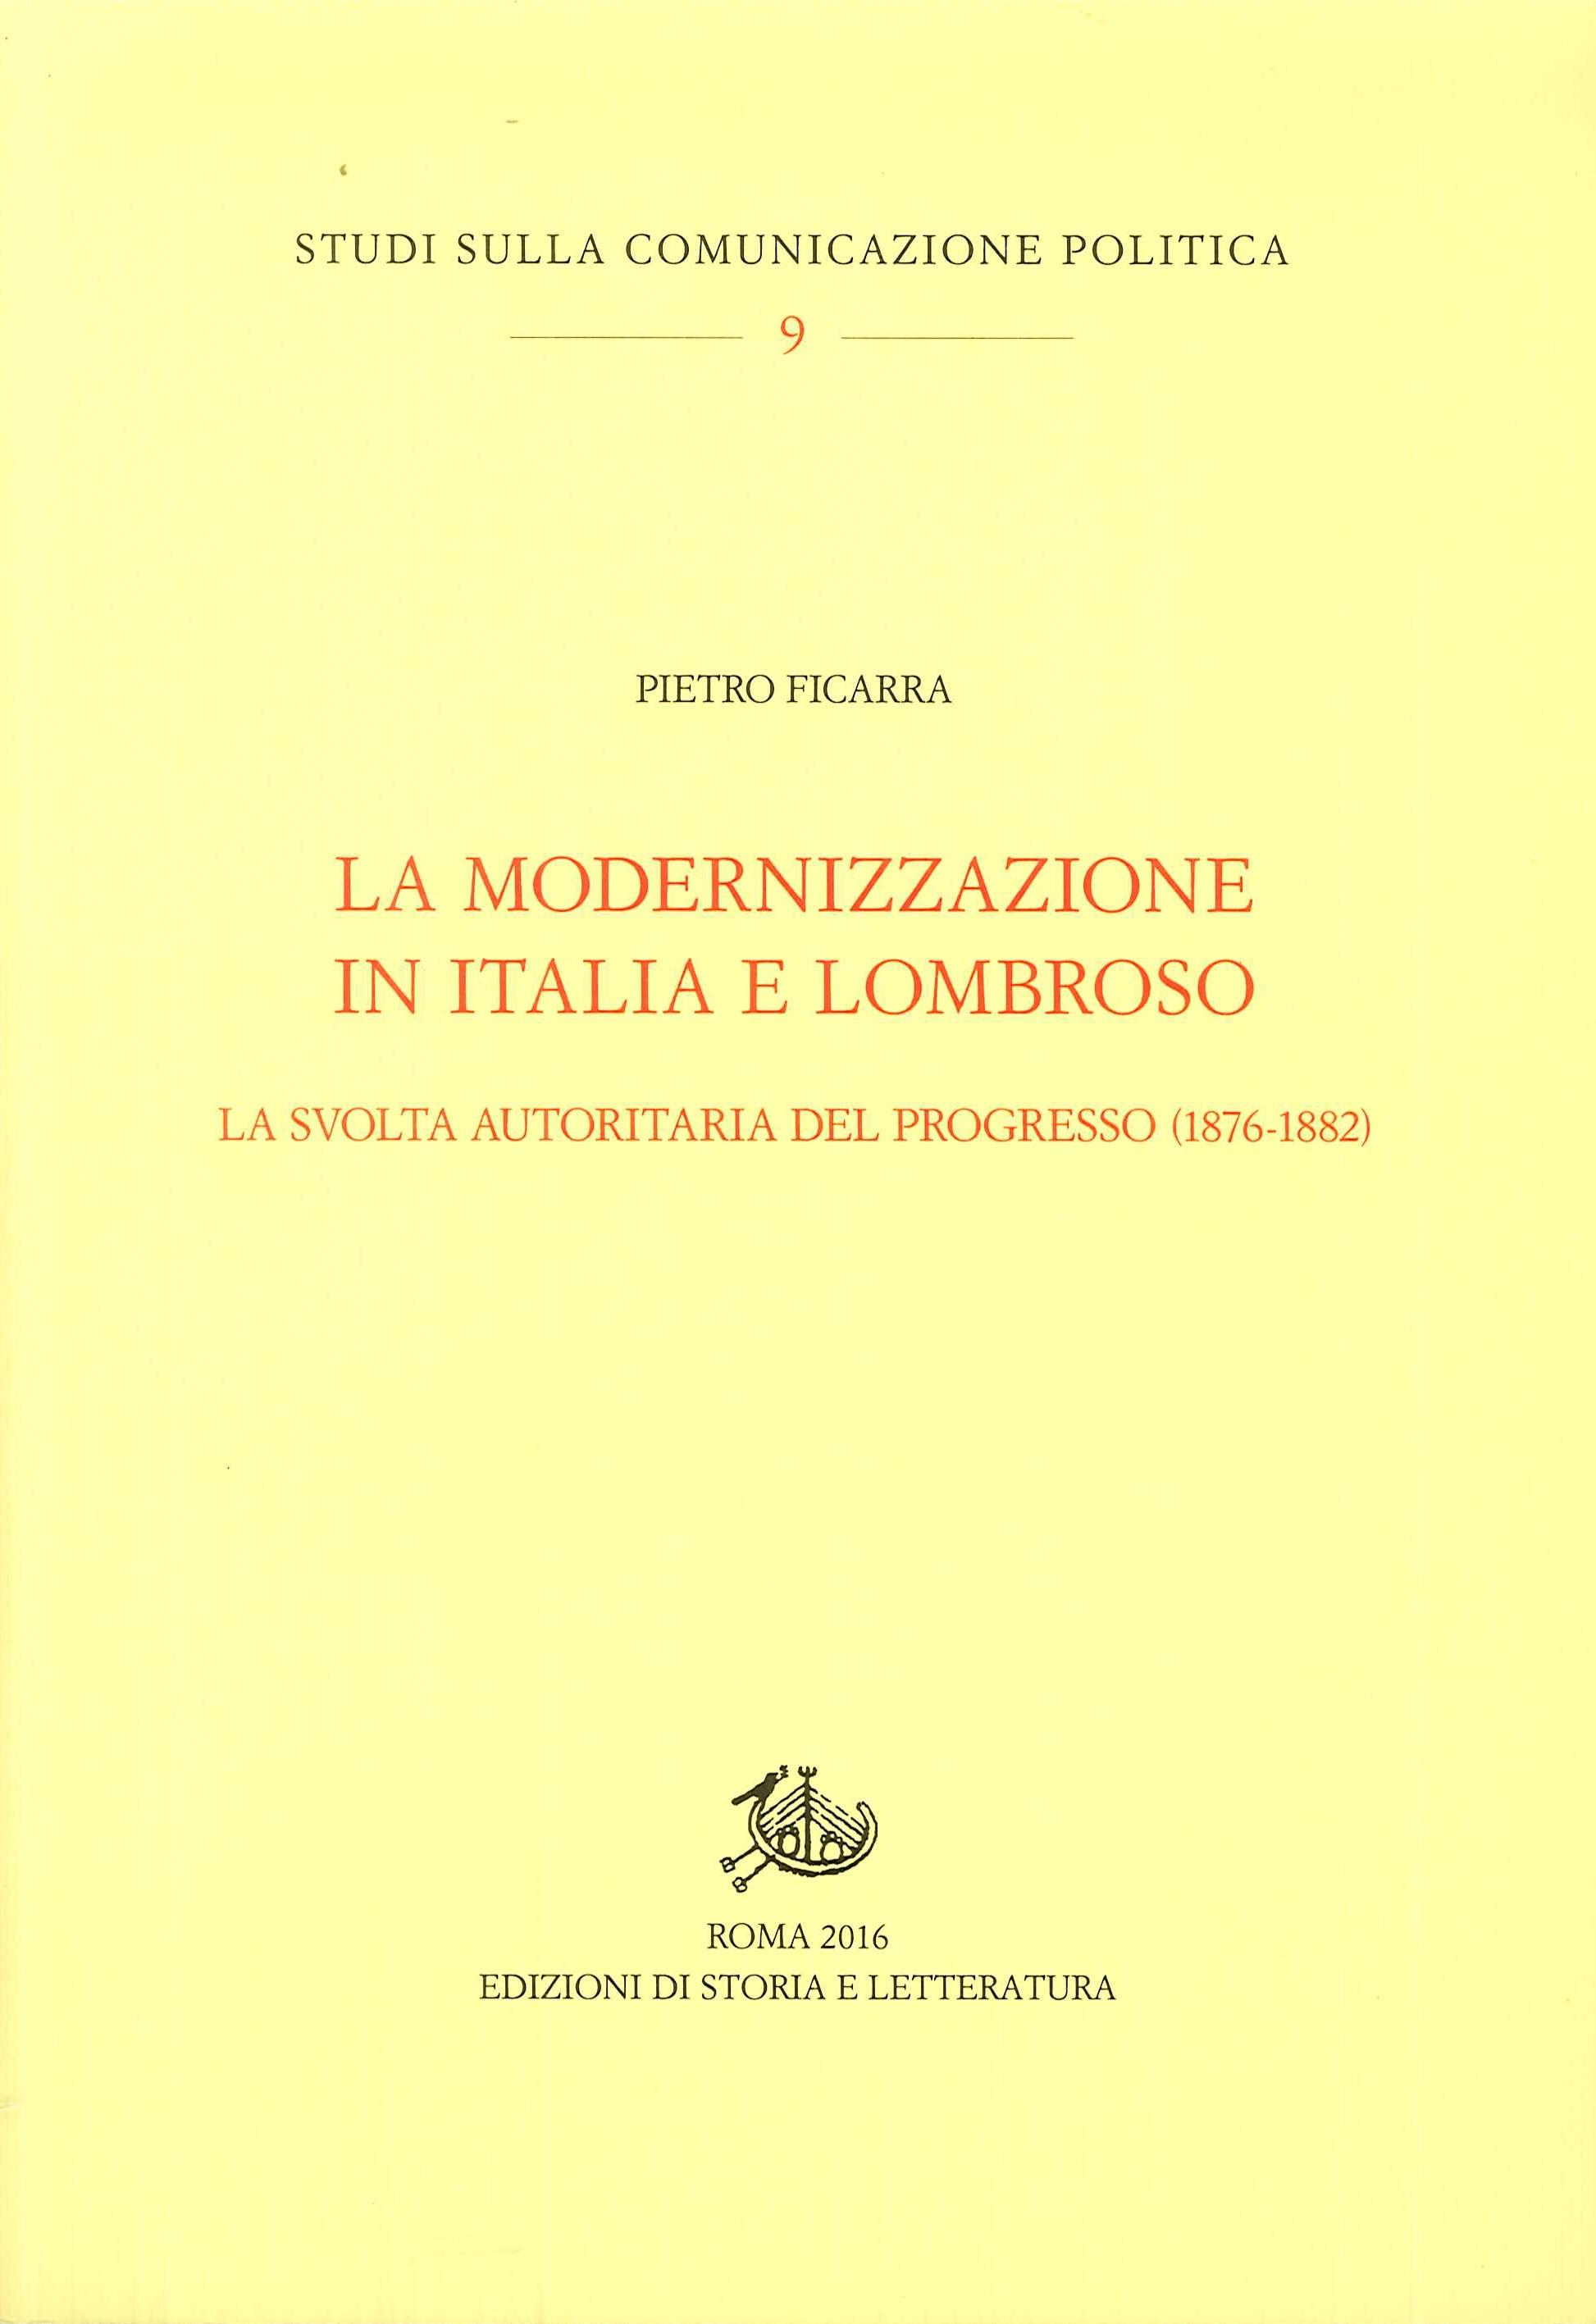 La modernizzazione in Italia e Lombroso. La svolta autoritaria del progresso (1876-1882)